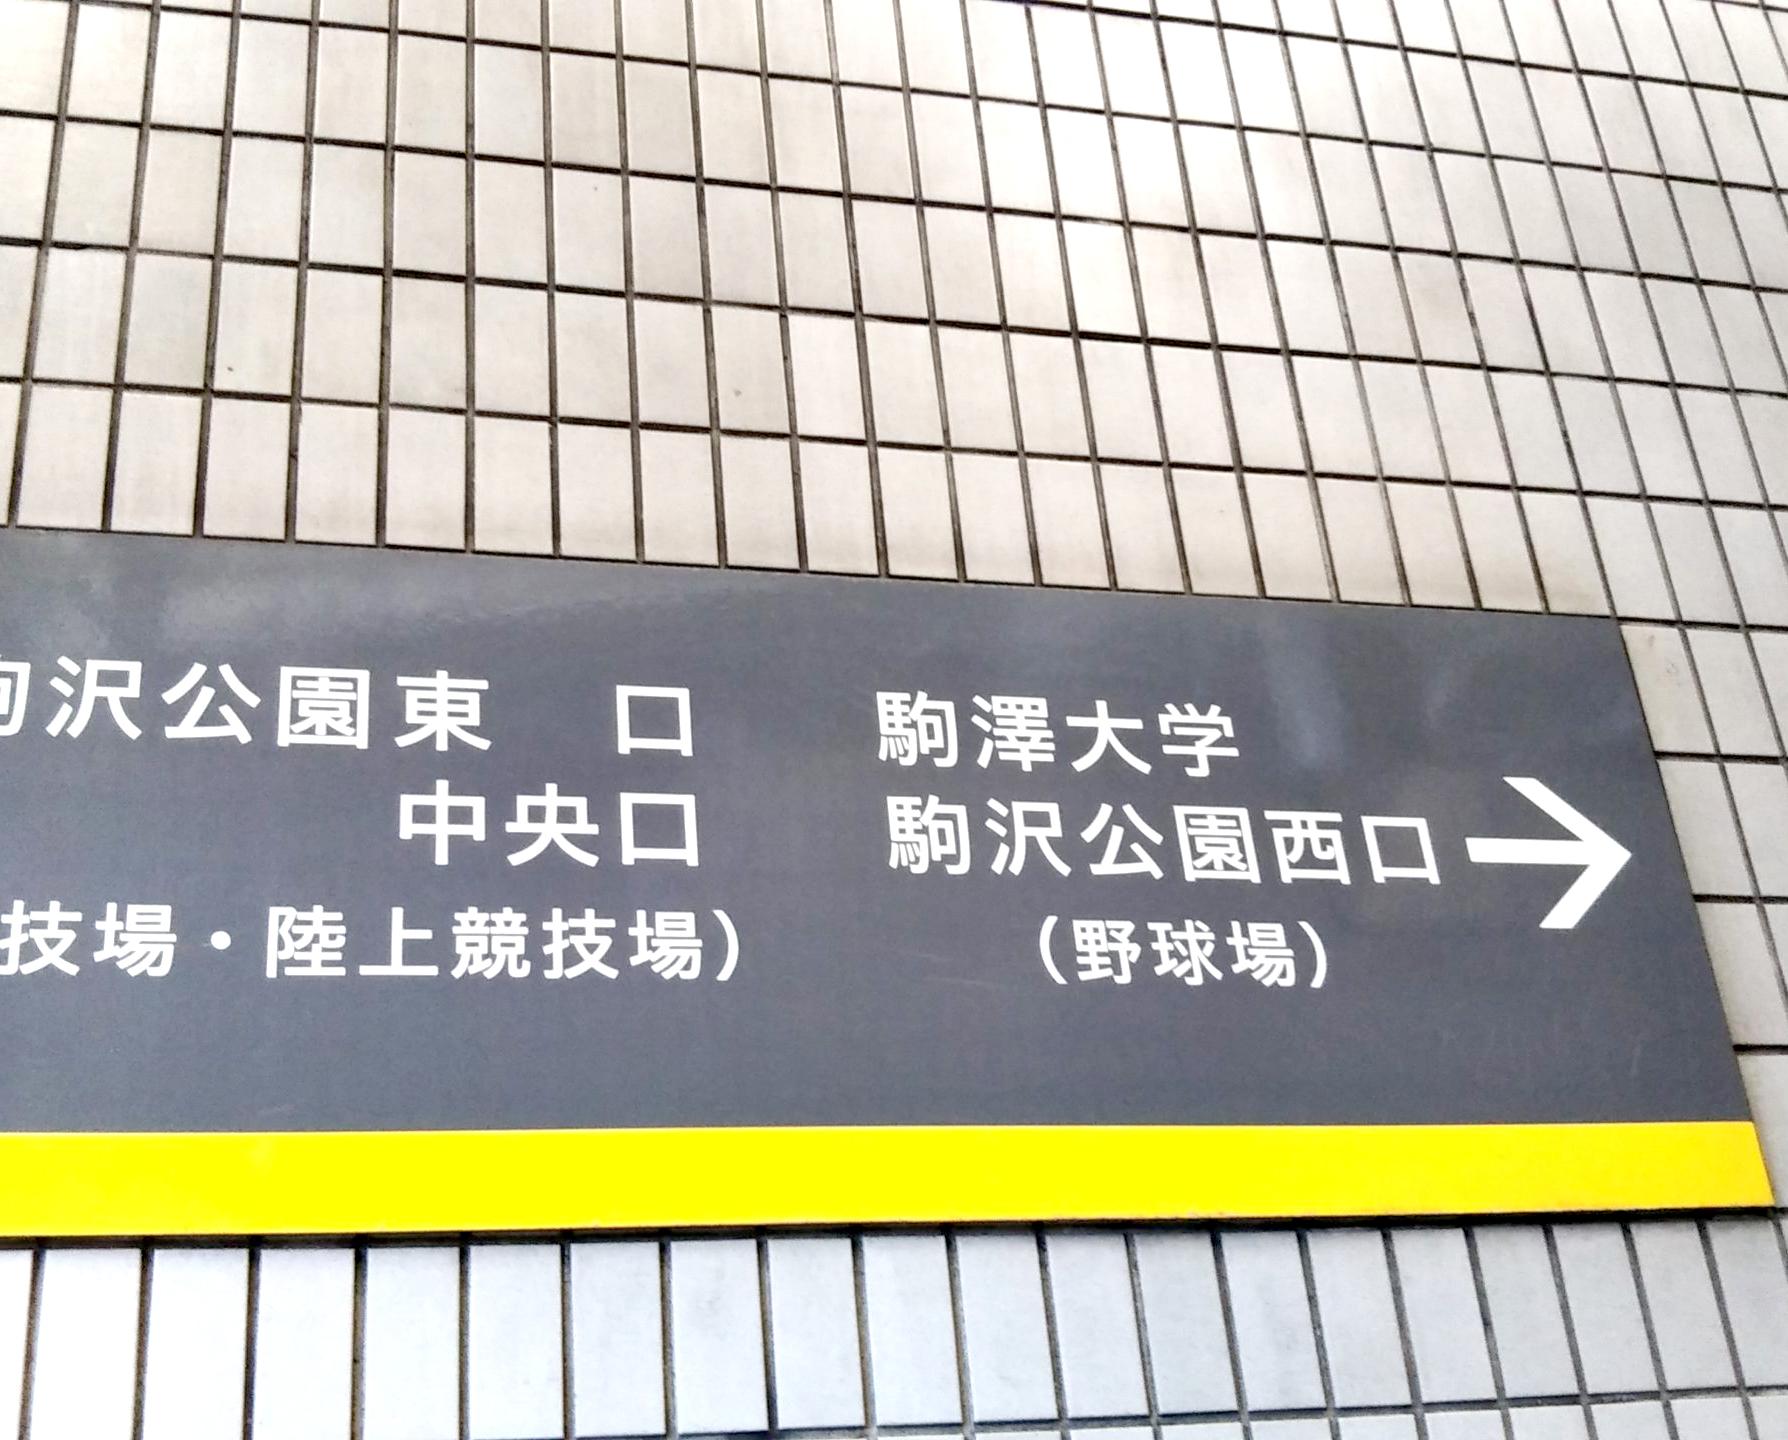 3.駒澤大学・駒沢公園西口(野球場)方面の階段を上がり地上へ